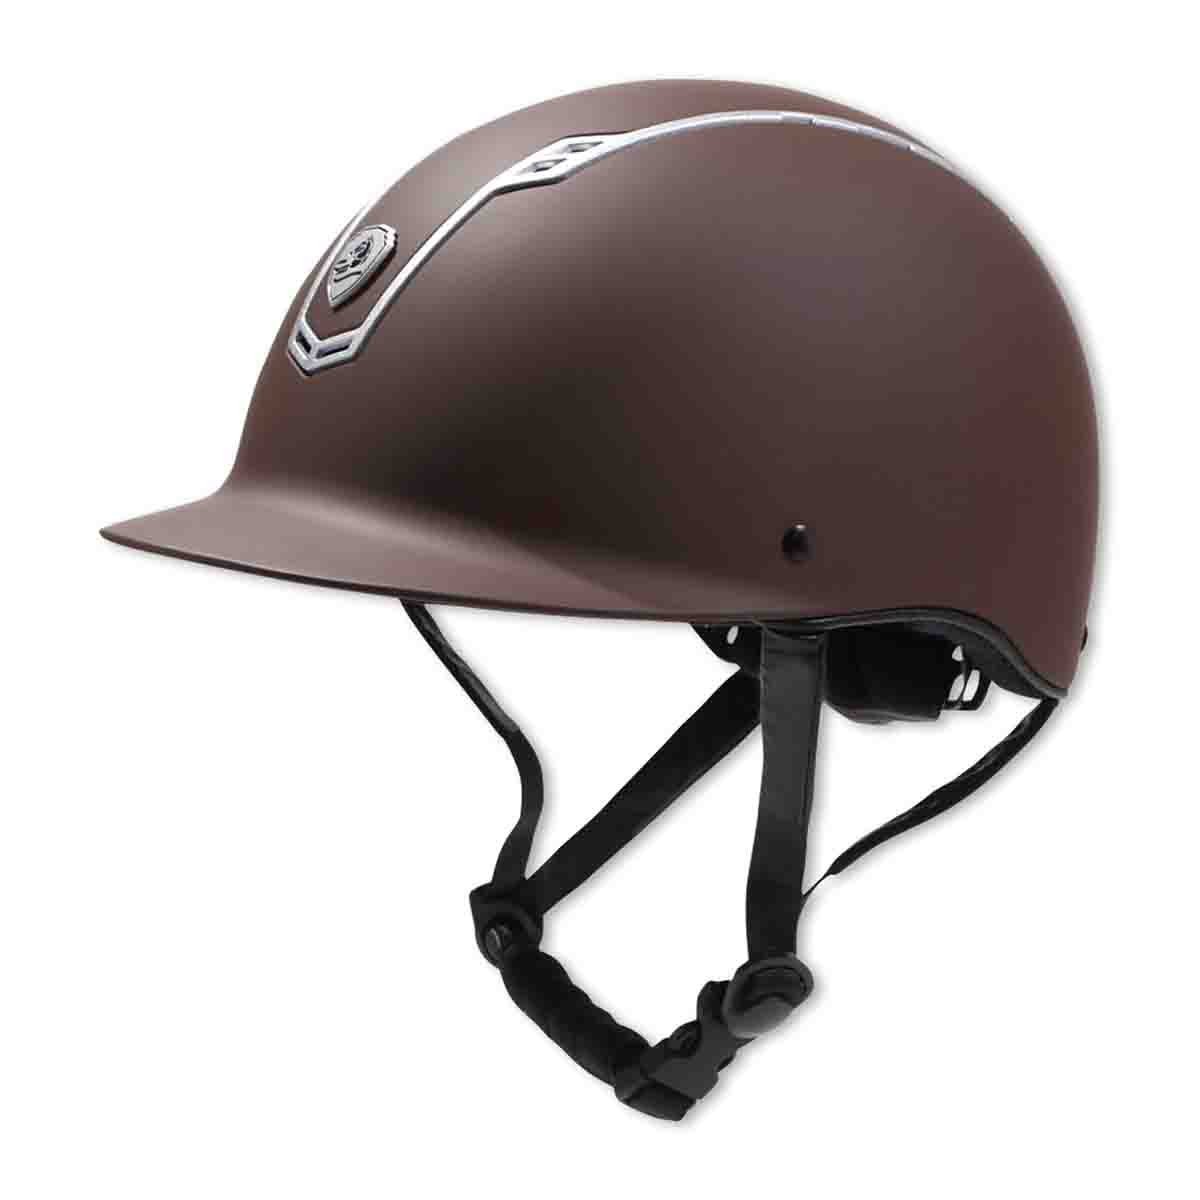 乗馬用品 EQULIBERTA ソリッド ダイヤル調整ヘルメット ブラウン/マットシルバー 乗馬 馬具 ブラウン/マットシルバー Small